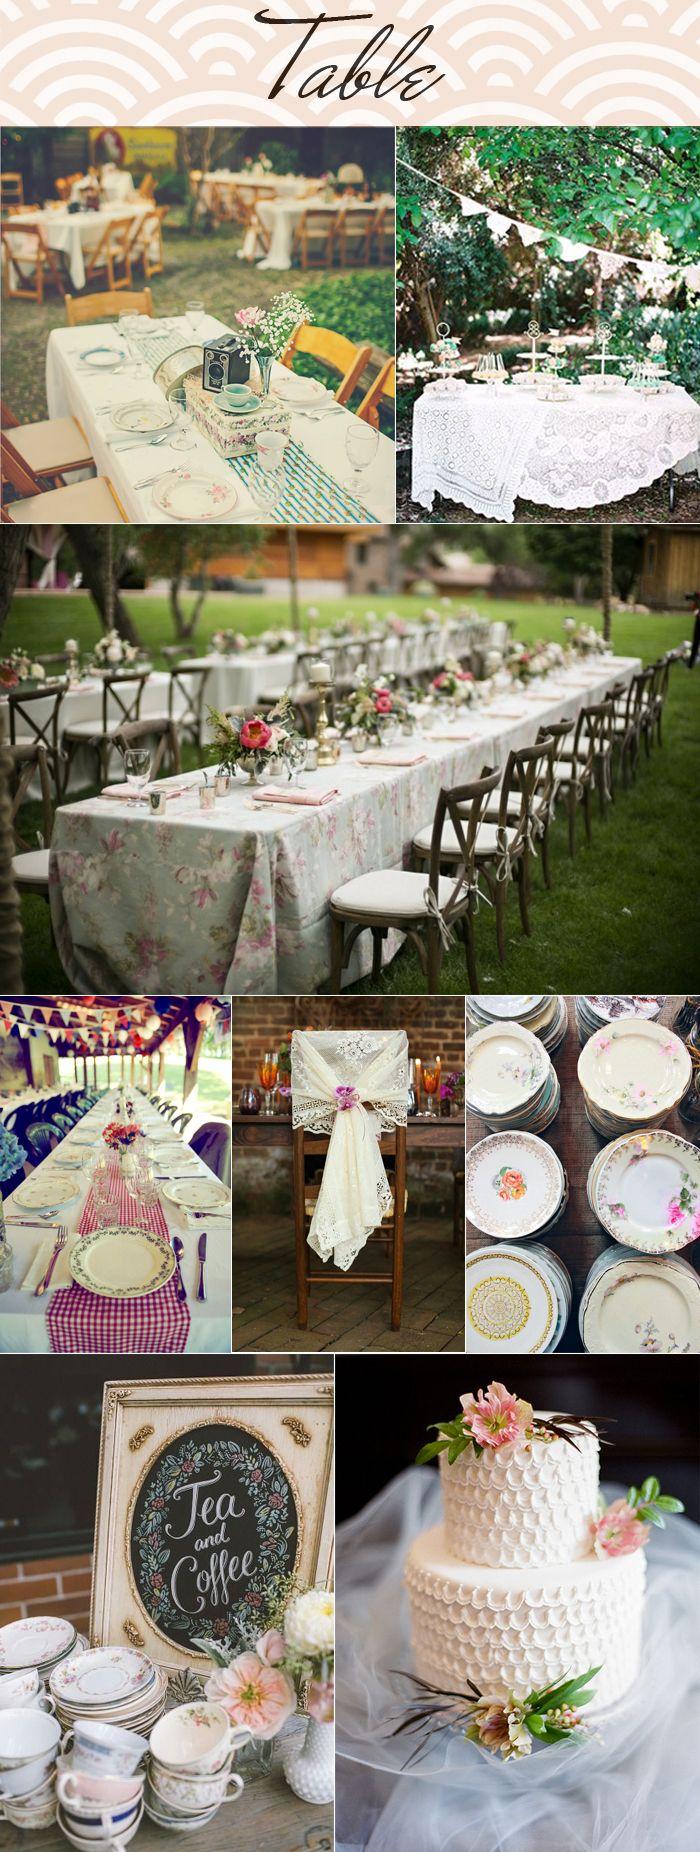 Mariage Vintage.  Tableau d'inspiration table. De longues tables comme pour un repas de famille.  Assiettes vintage dépareillée . nape dentelle / cheminde table vichy à carreau rouge / chaise en bois / fanion en tissus.